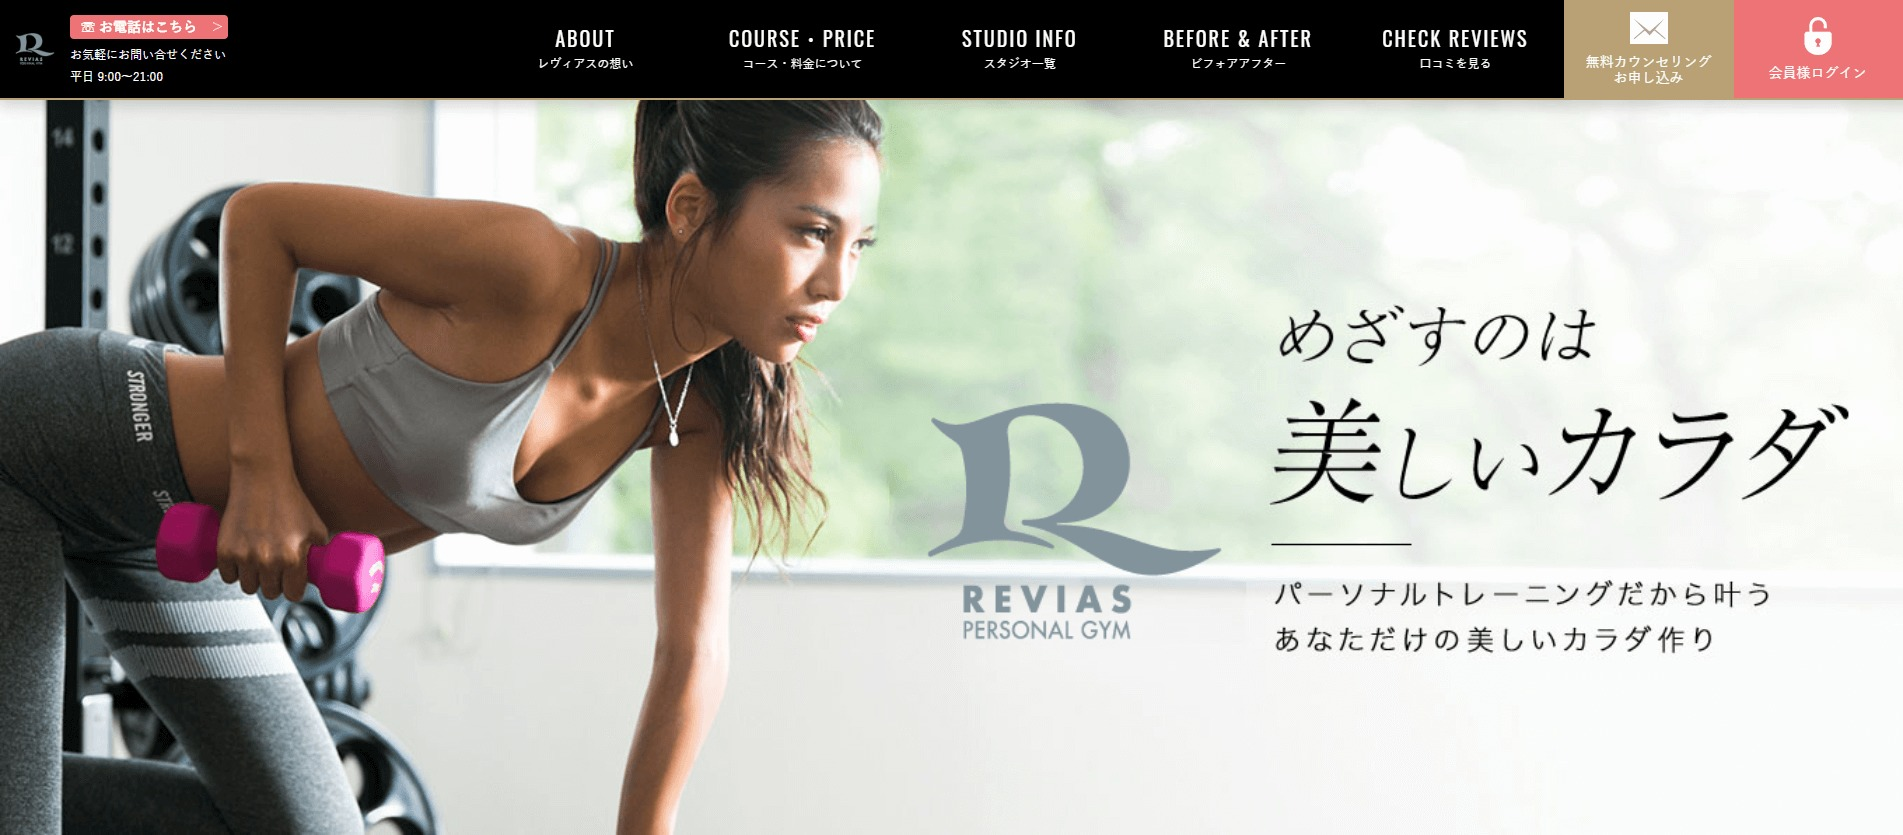 代官山エリアでおすすめのパーソナルトレーニングジム「REVIAS」